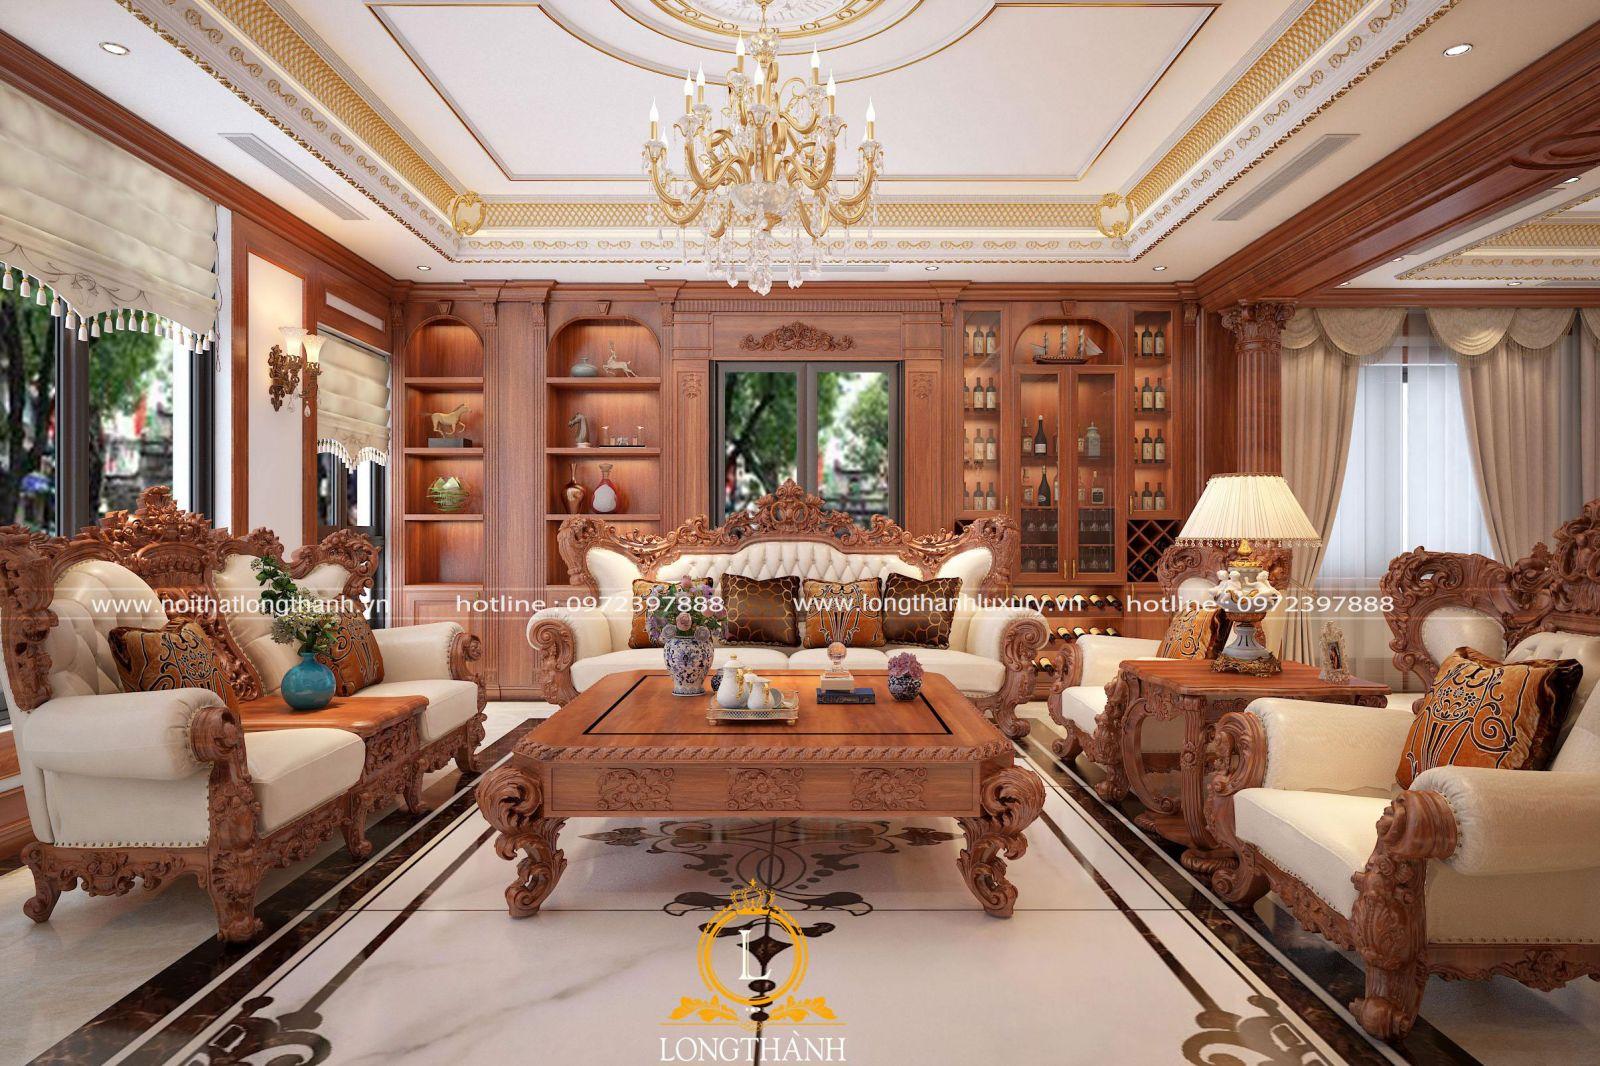 Sofa tân cổ điển cho phòng khách biệt thự cao cấp